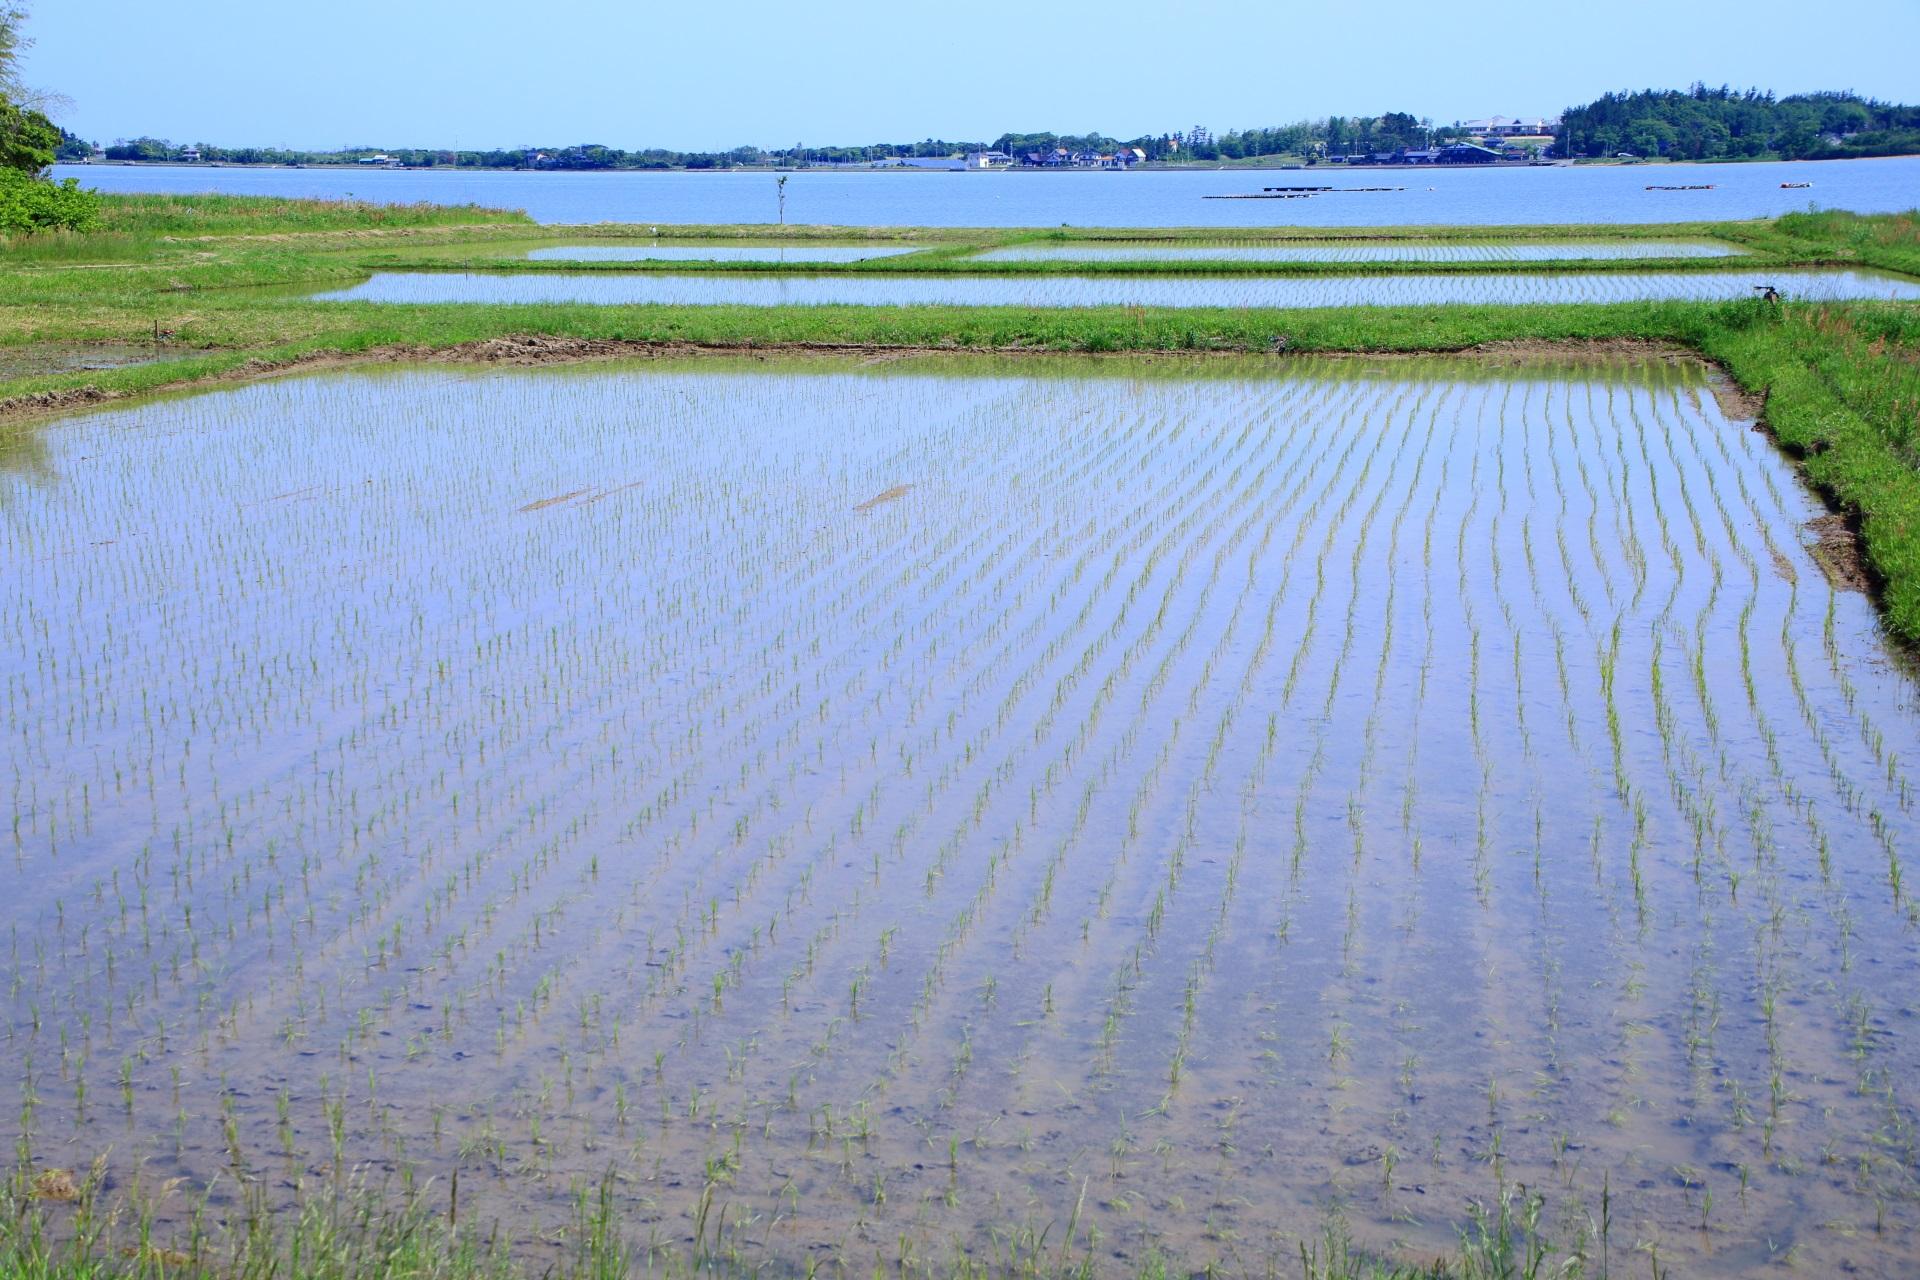 青空がほのかに映る水を張った田んぼと奥の久美浜湾